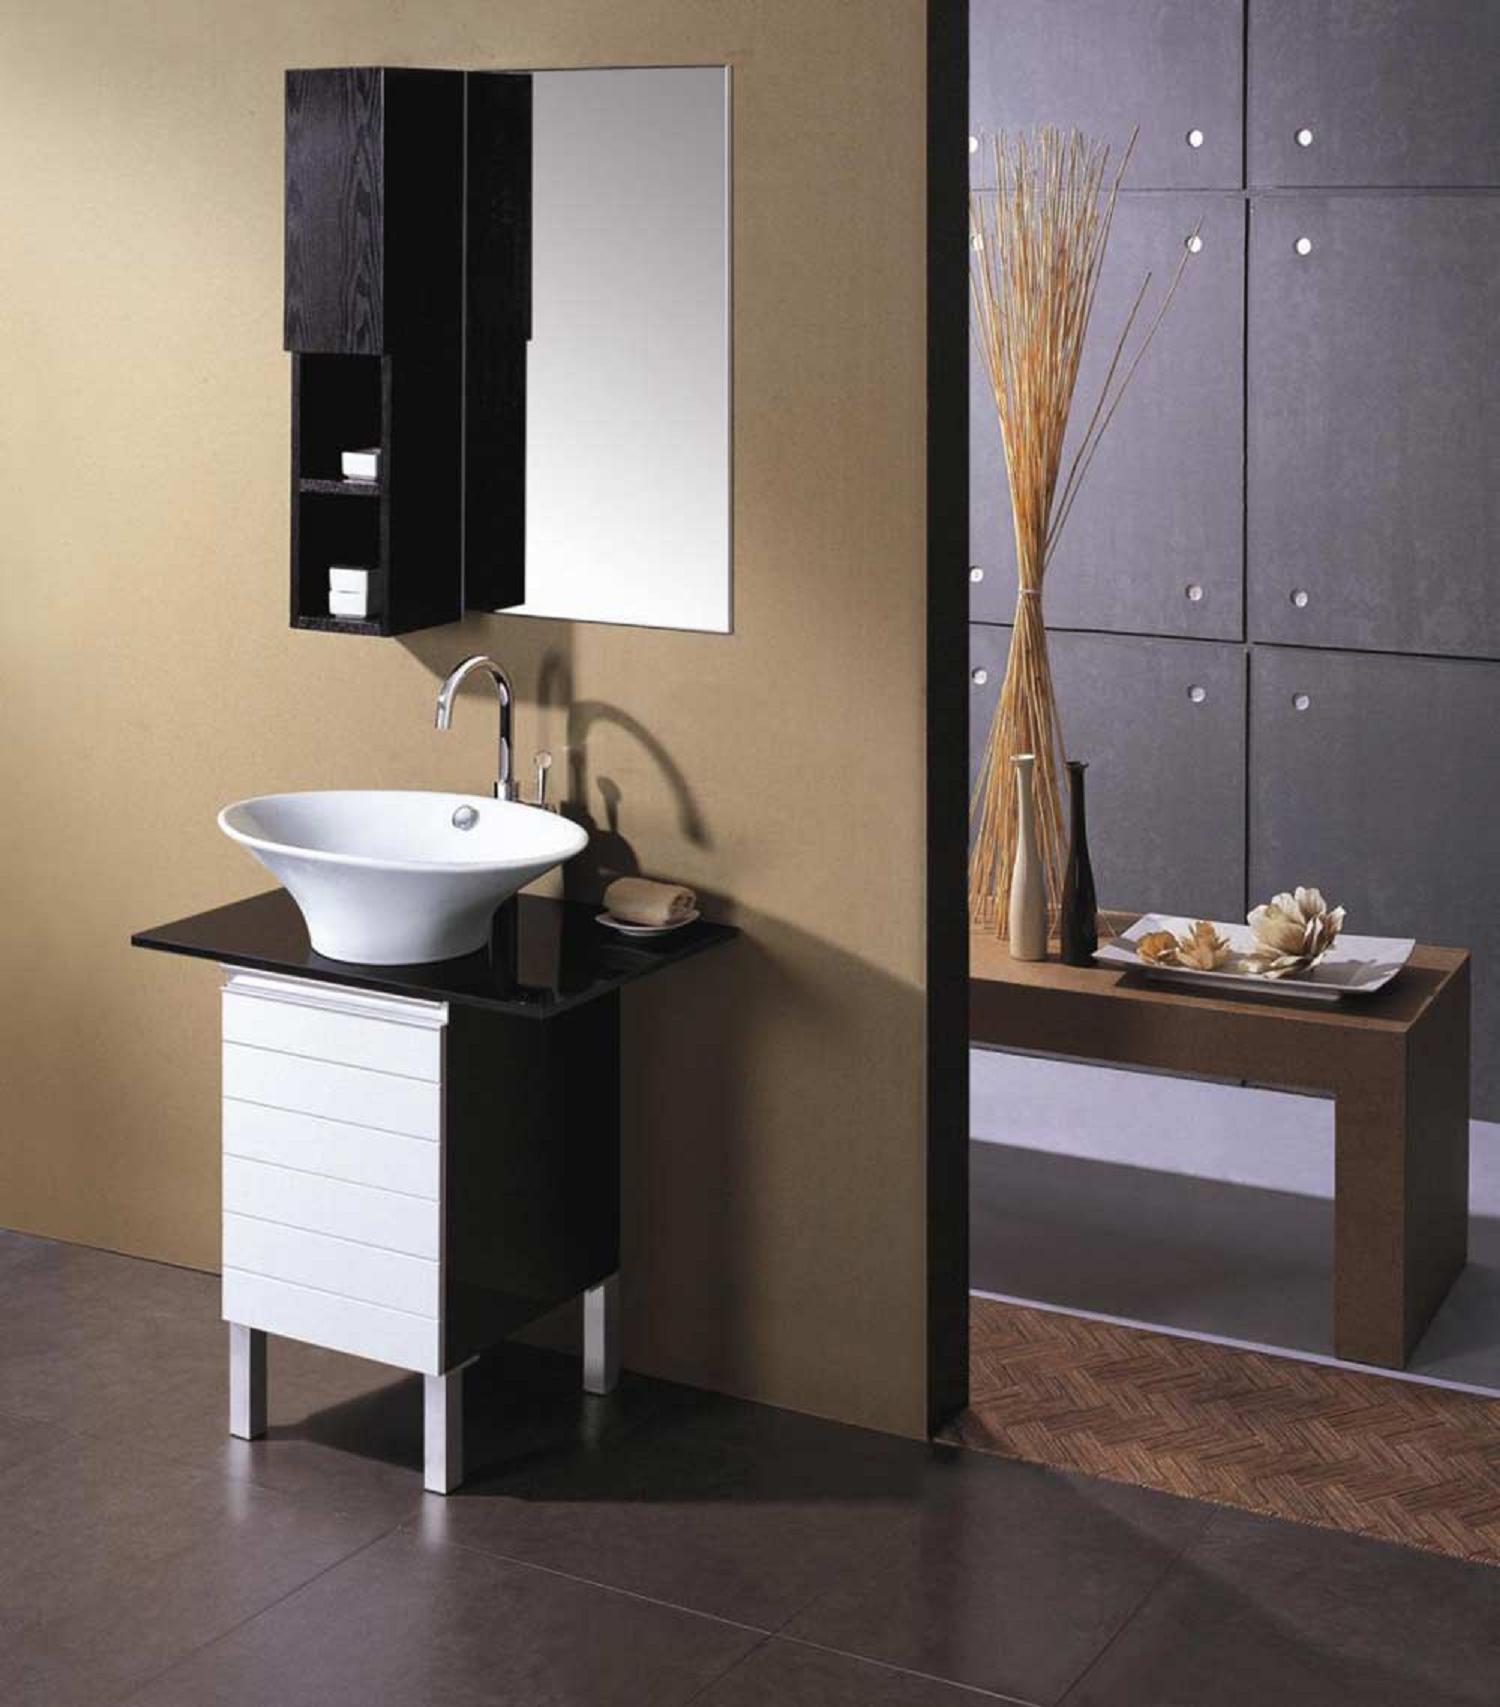 Smart Bathroom Design Vanities (View 8 of 10)